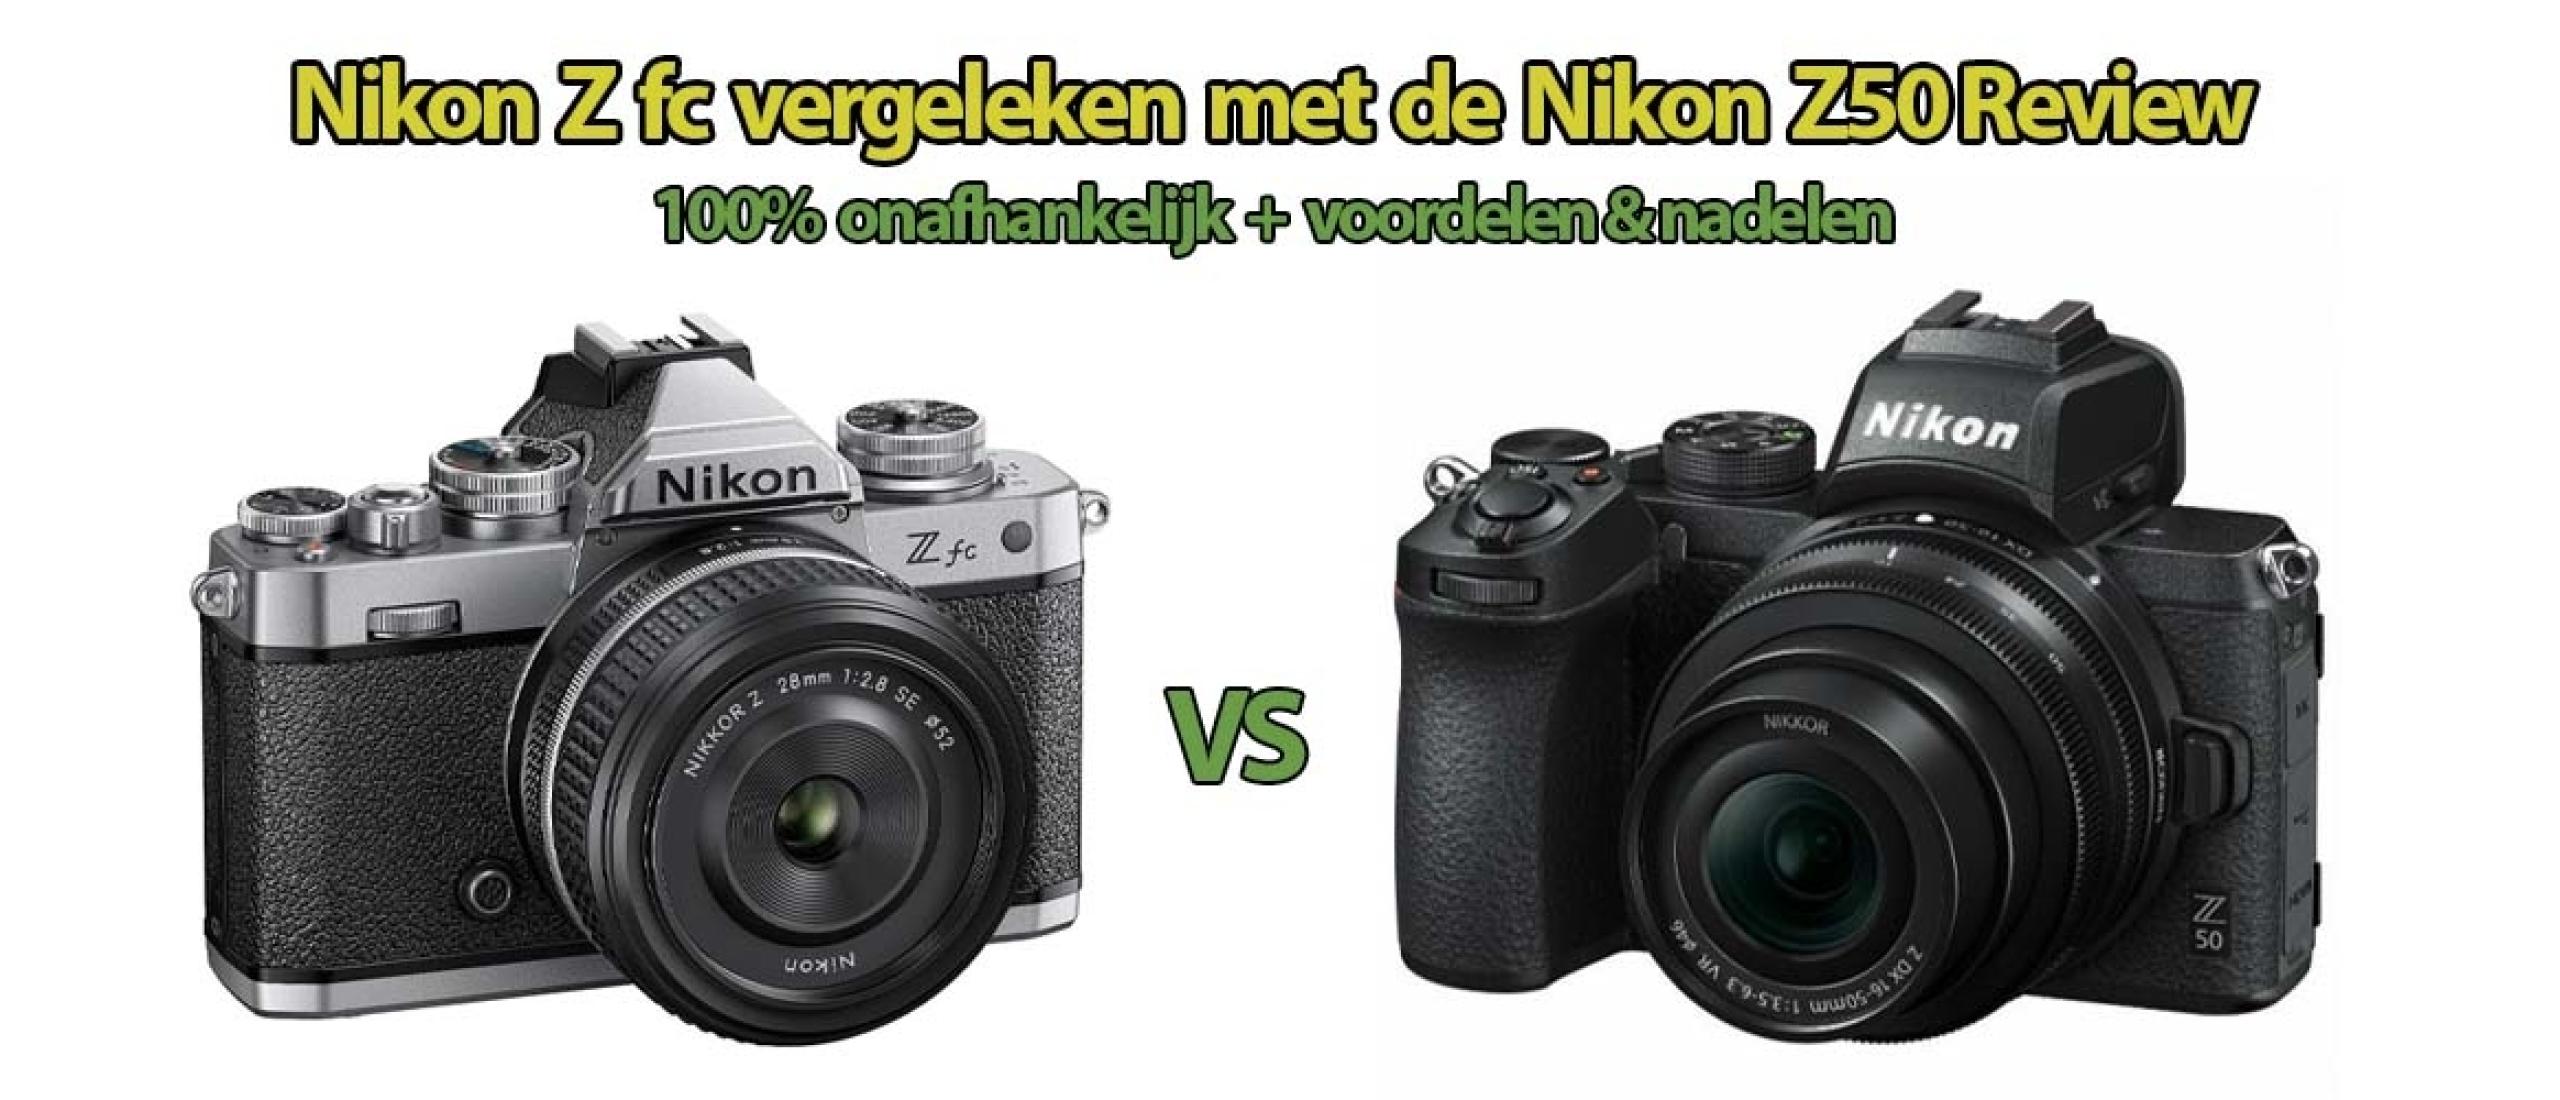 Verschil Nikon Z fc en Nikon Z50